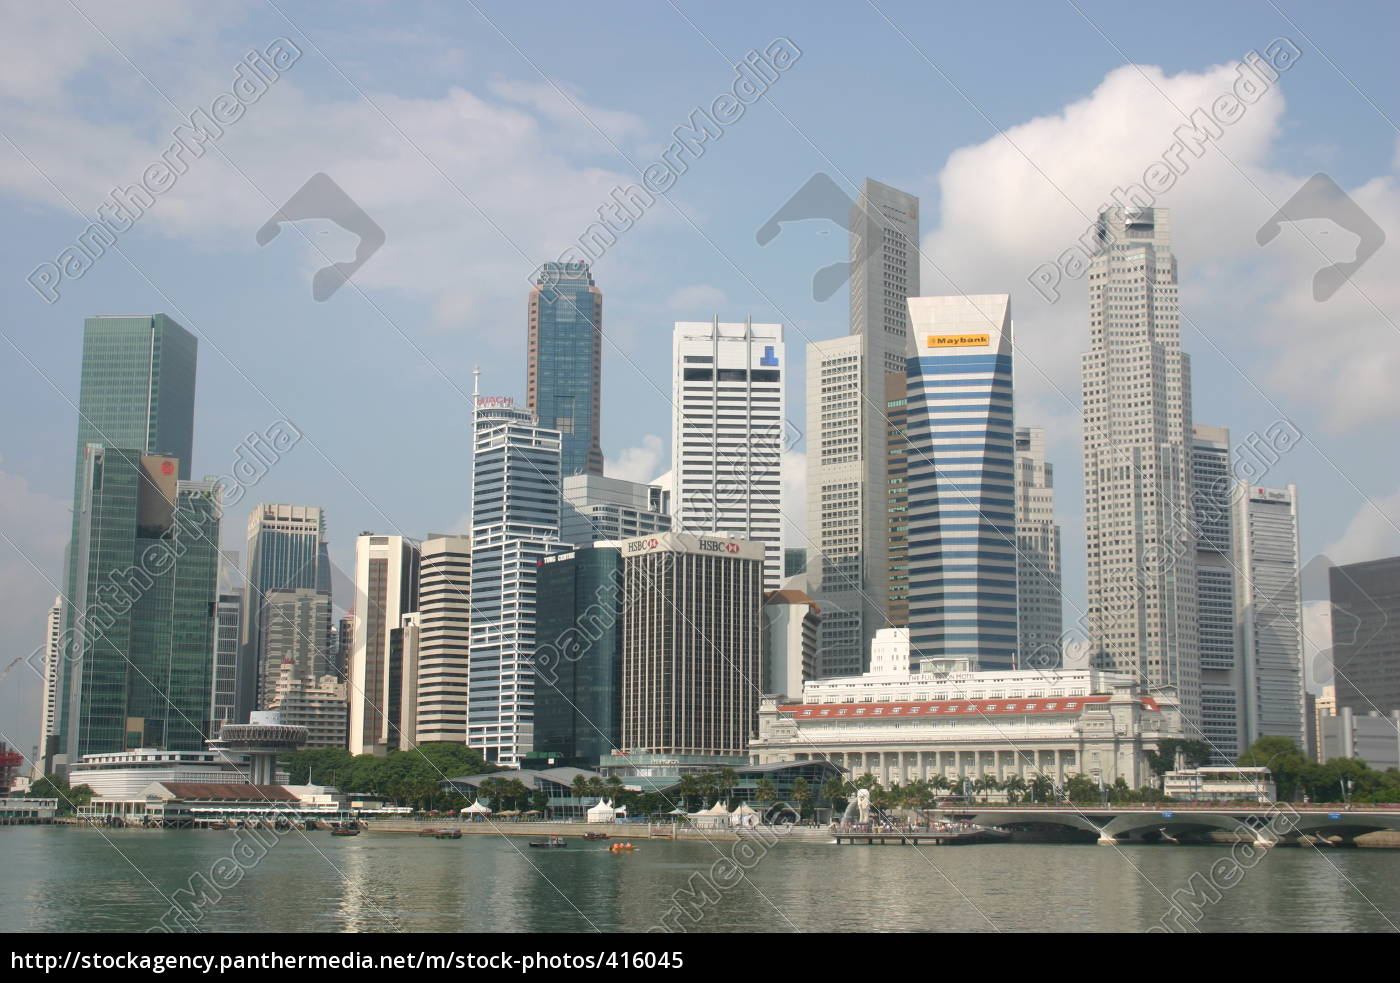 singapore, raffles, city - 416045